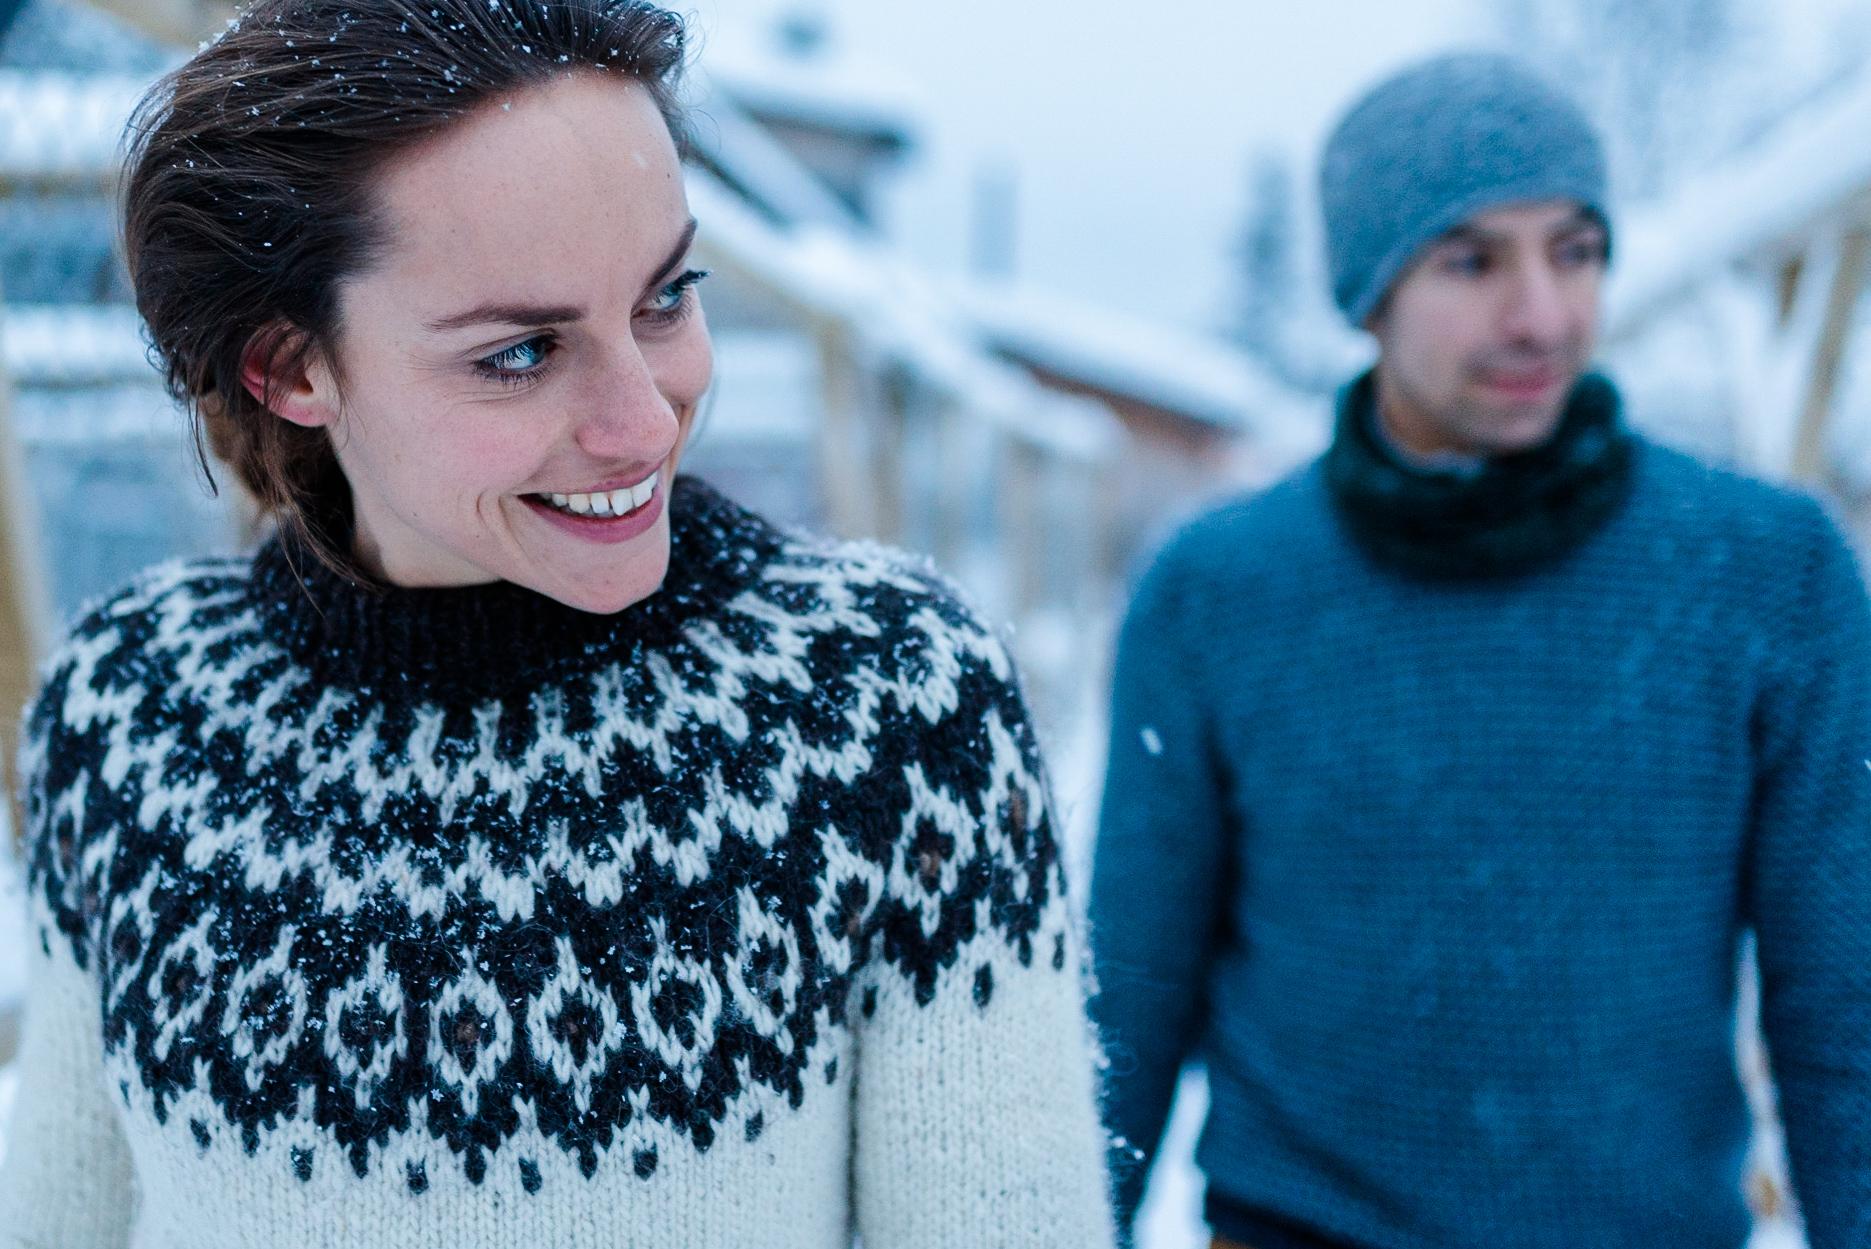 Svenja und Ben Fotografie Hochzeitsfotos Göttingen - Reise Dreh Fotos schwedisch Lappland Polarkreis Huskies Eis Schnee Schlittenhunde